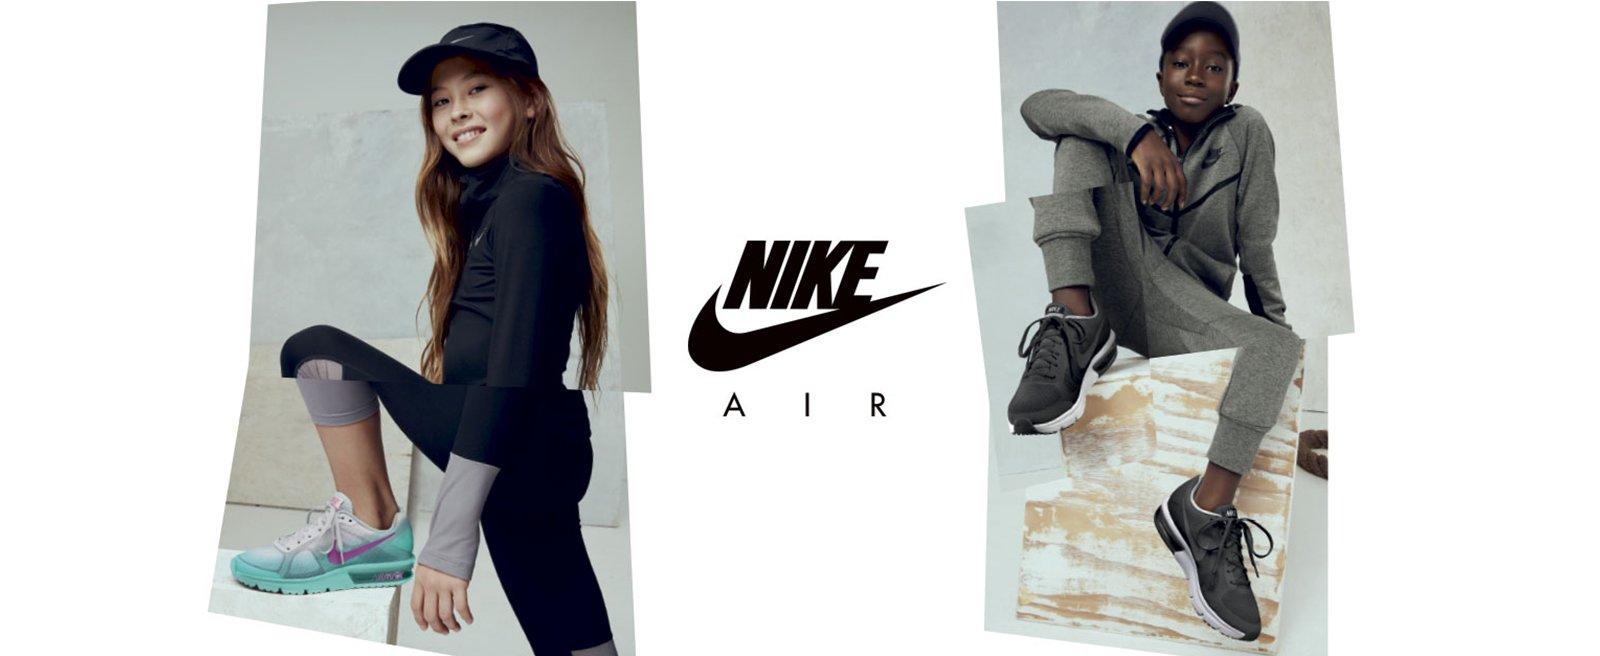 Boutique Nike Clearance Store - L'Usine Roubaix